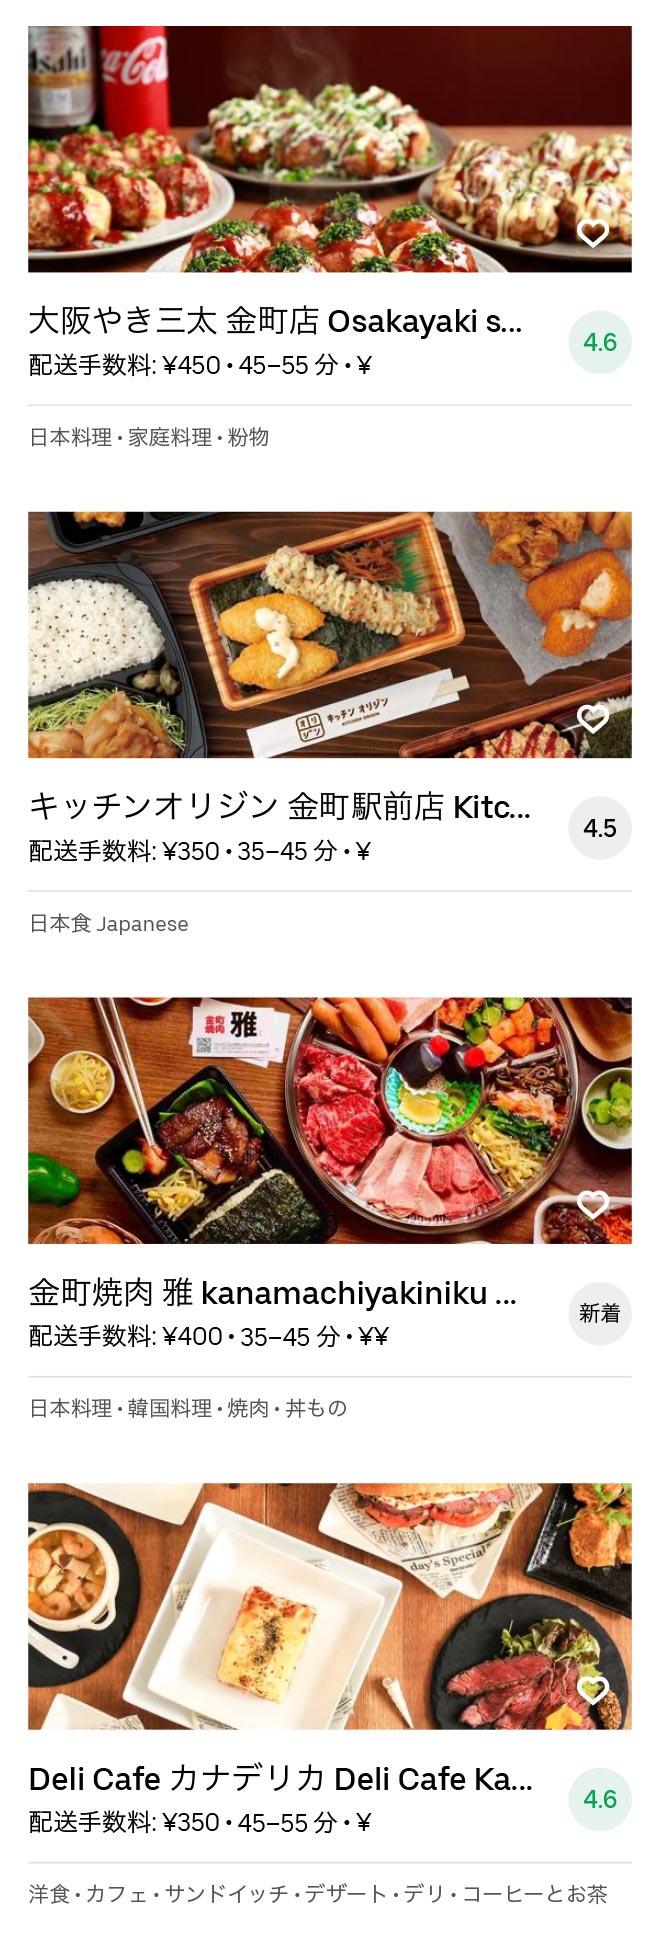 Matsudo menu 2007 05